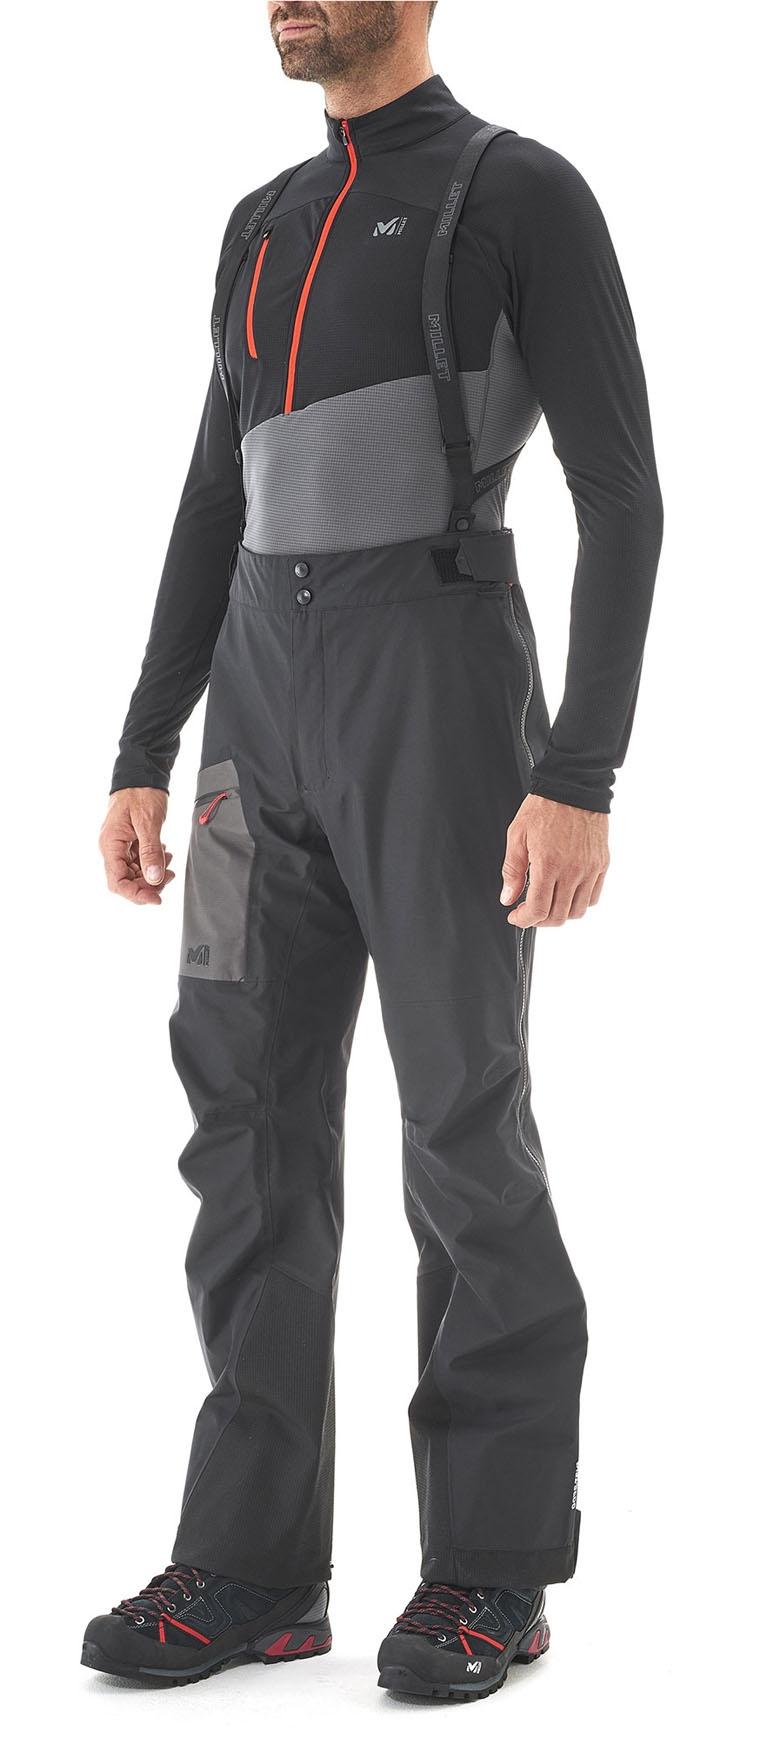 Elevation Gtx Pant Black Noir Millet   Pantalons ski de randonnée ... 289d3cee0d27